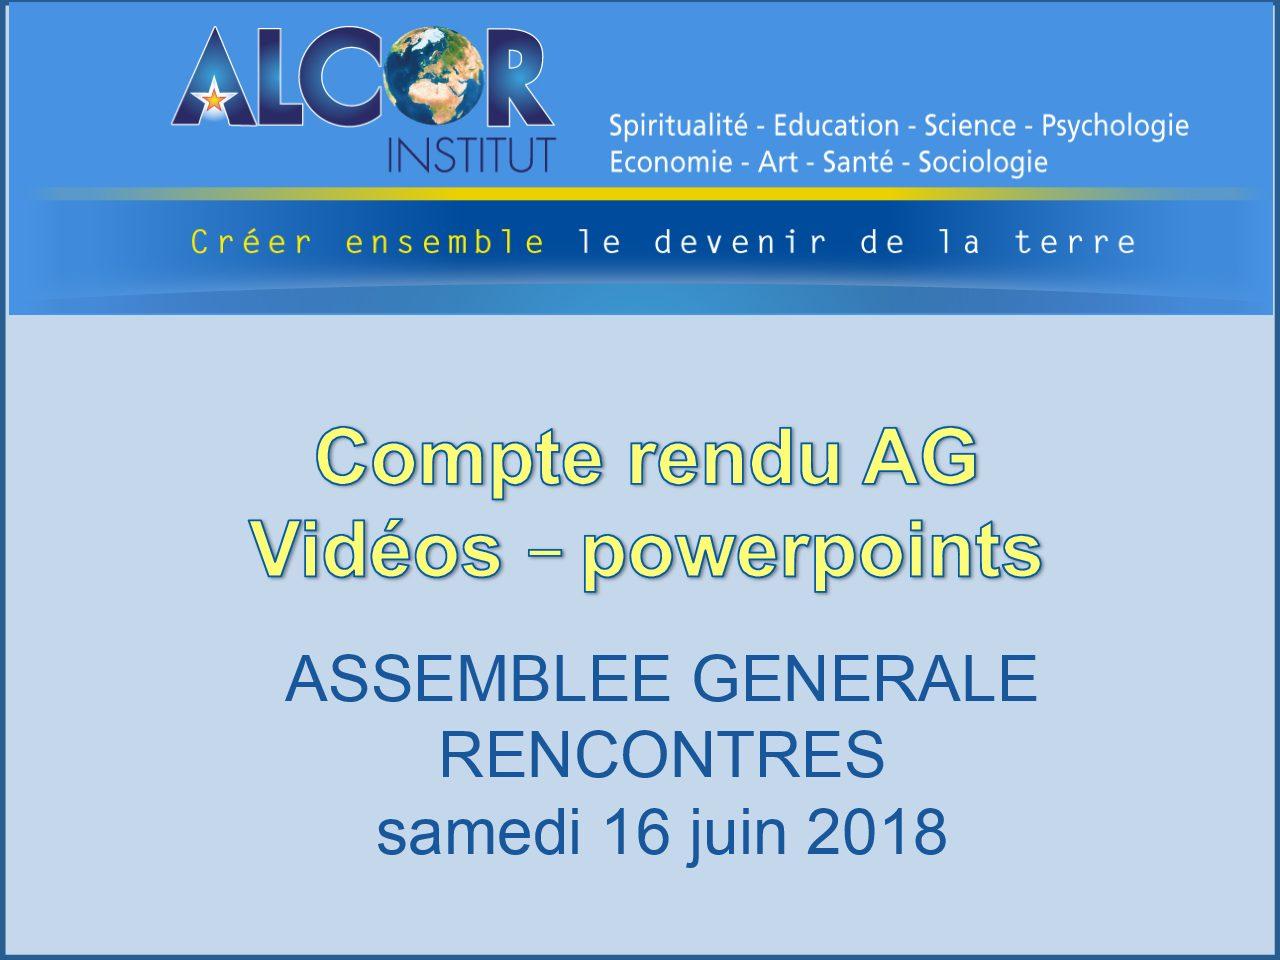 2018 Assemblée Générale – Rencontres de l'Institut Alcor